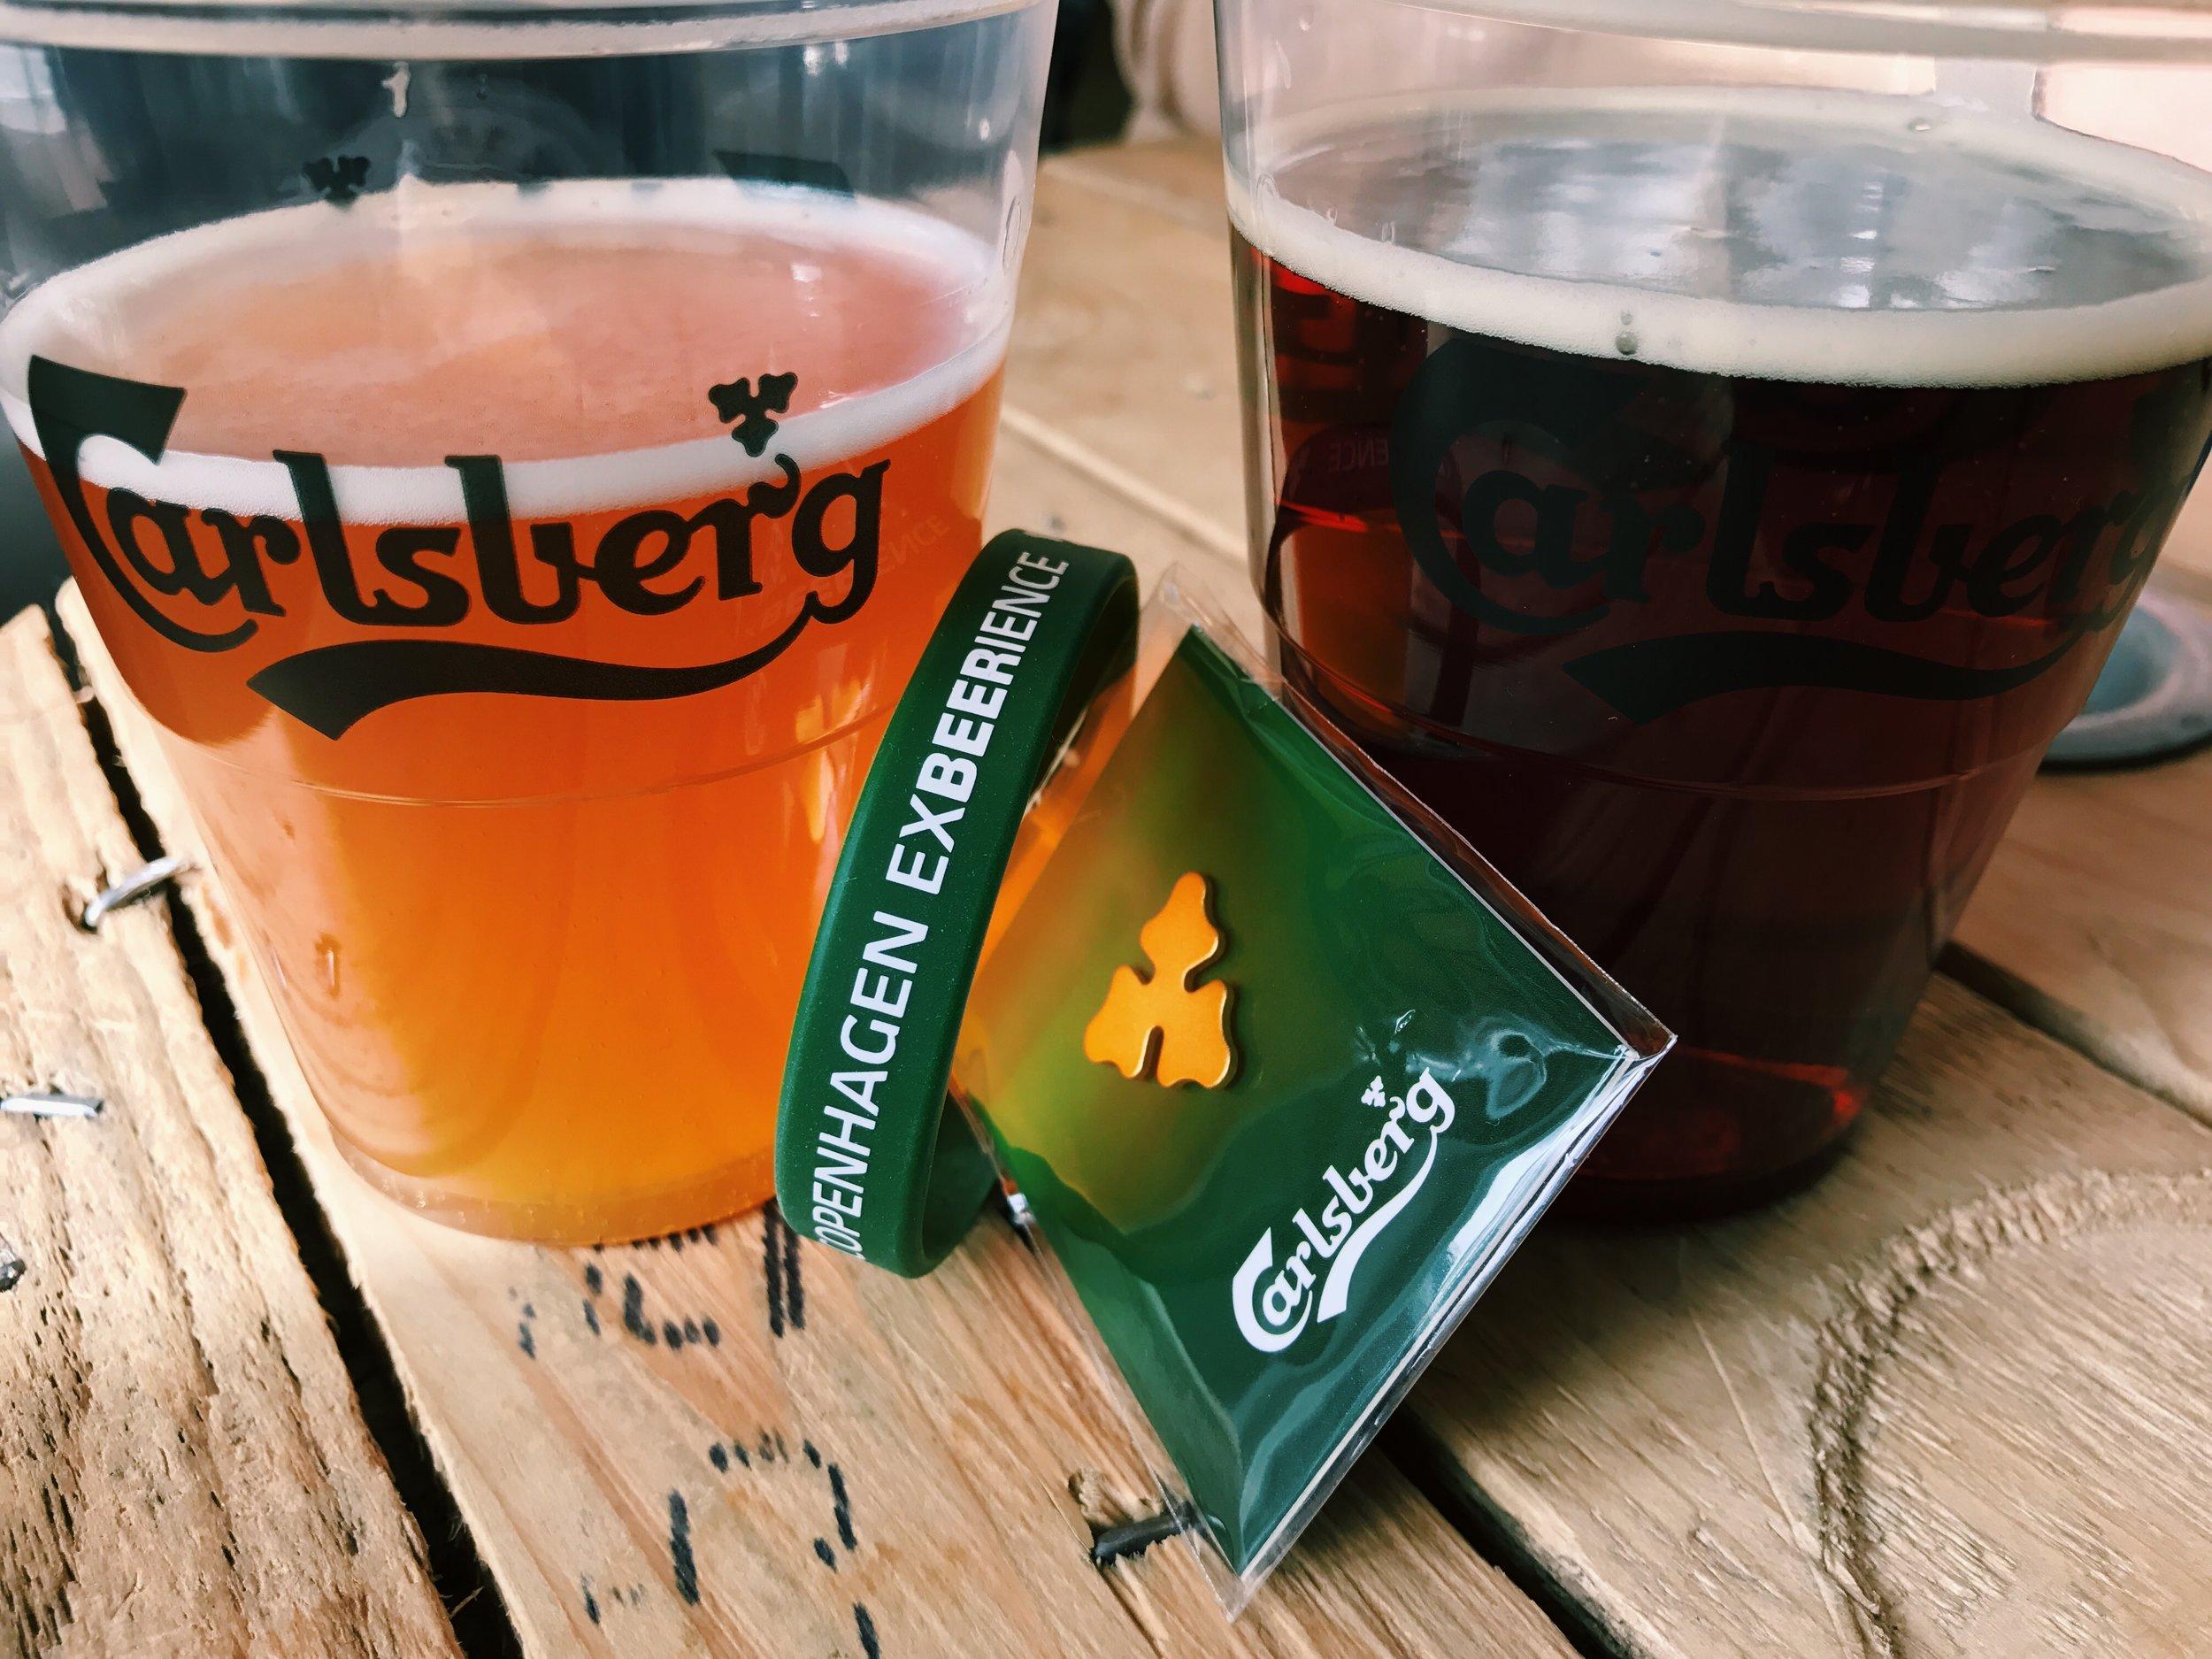 Carlsberg Brewery.